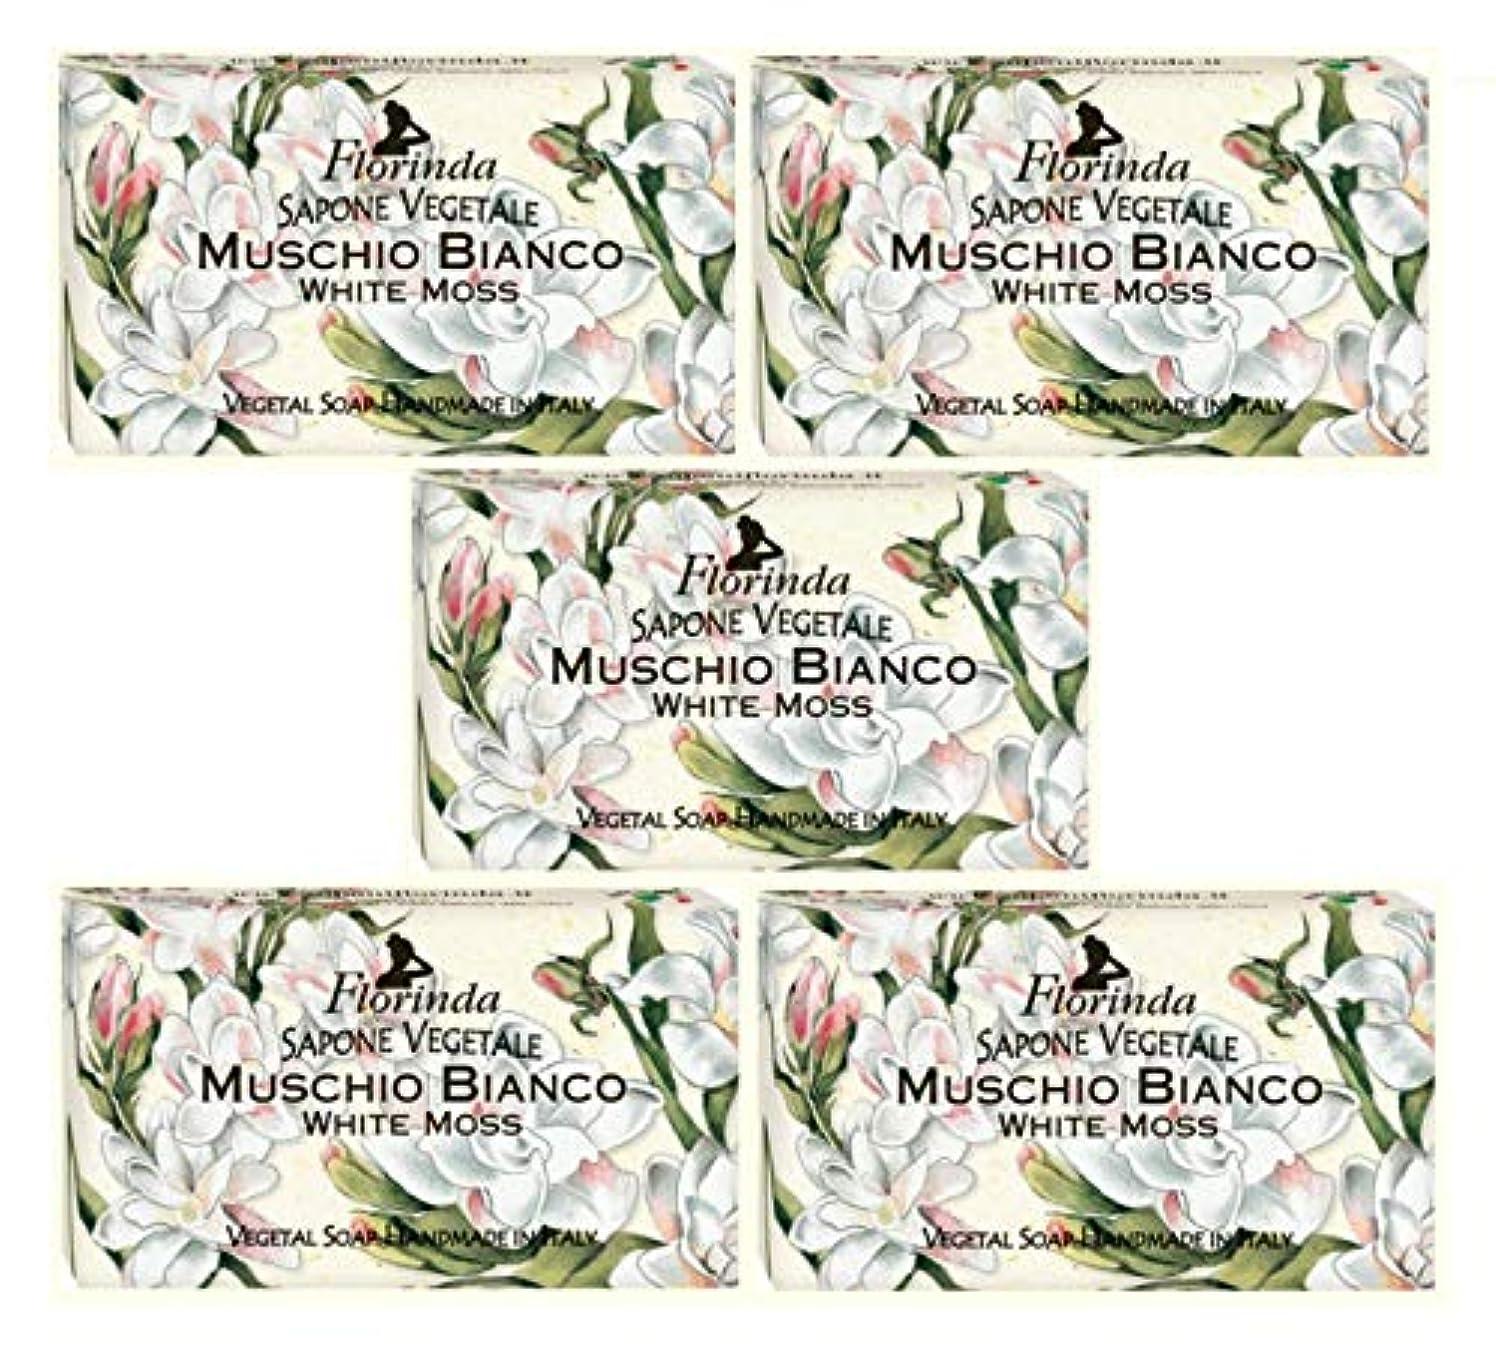 ヘッドレスホップワイプフロリンダ フレグランスソープ 固形石けん 花の香り ホワイトモス 95g×5個セット